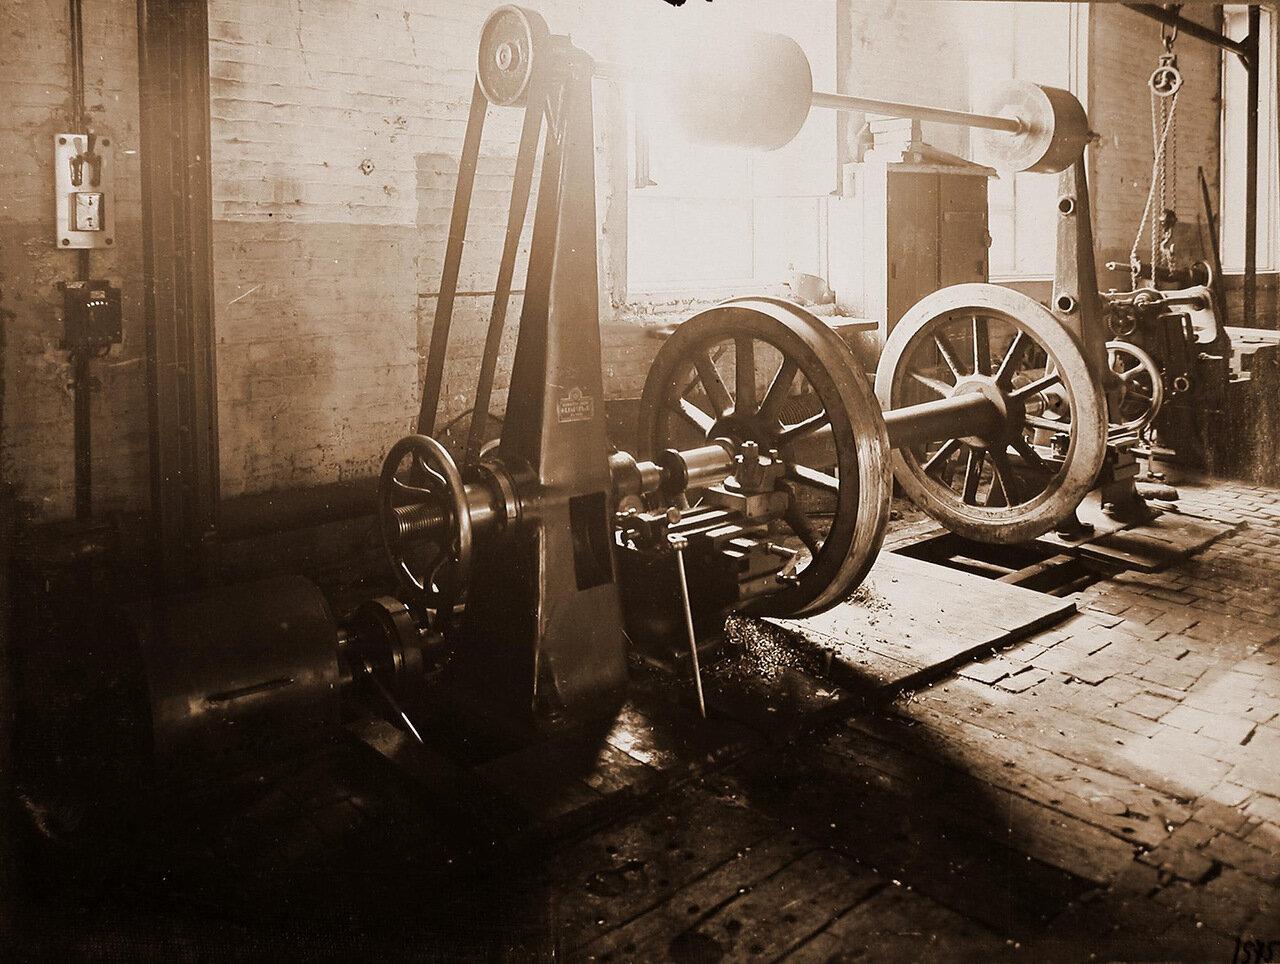 41. Вид станка по одной из операций по изготовлению колесных пар паровозов, произведенного Обществом бывшего Фельзера и Ко в Риге, в одном из цехов мастерской